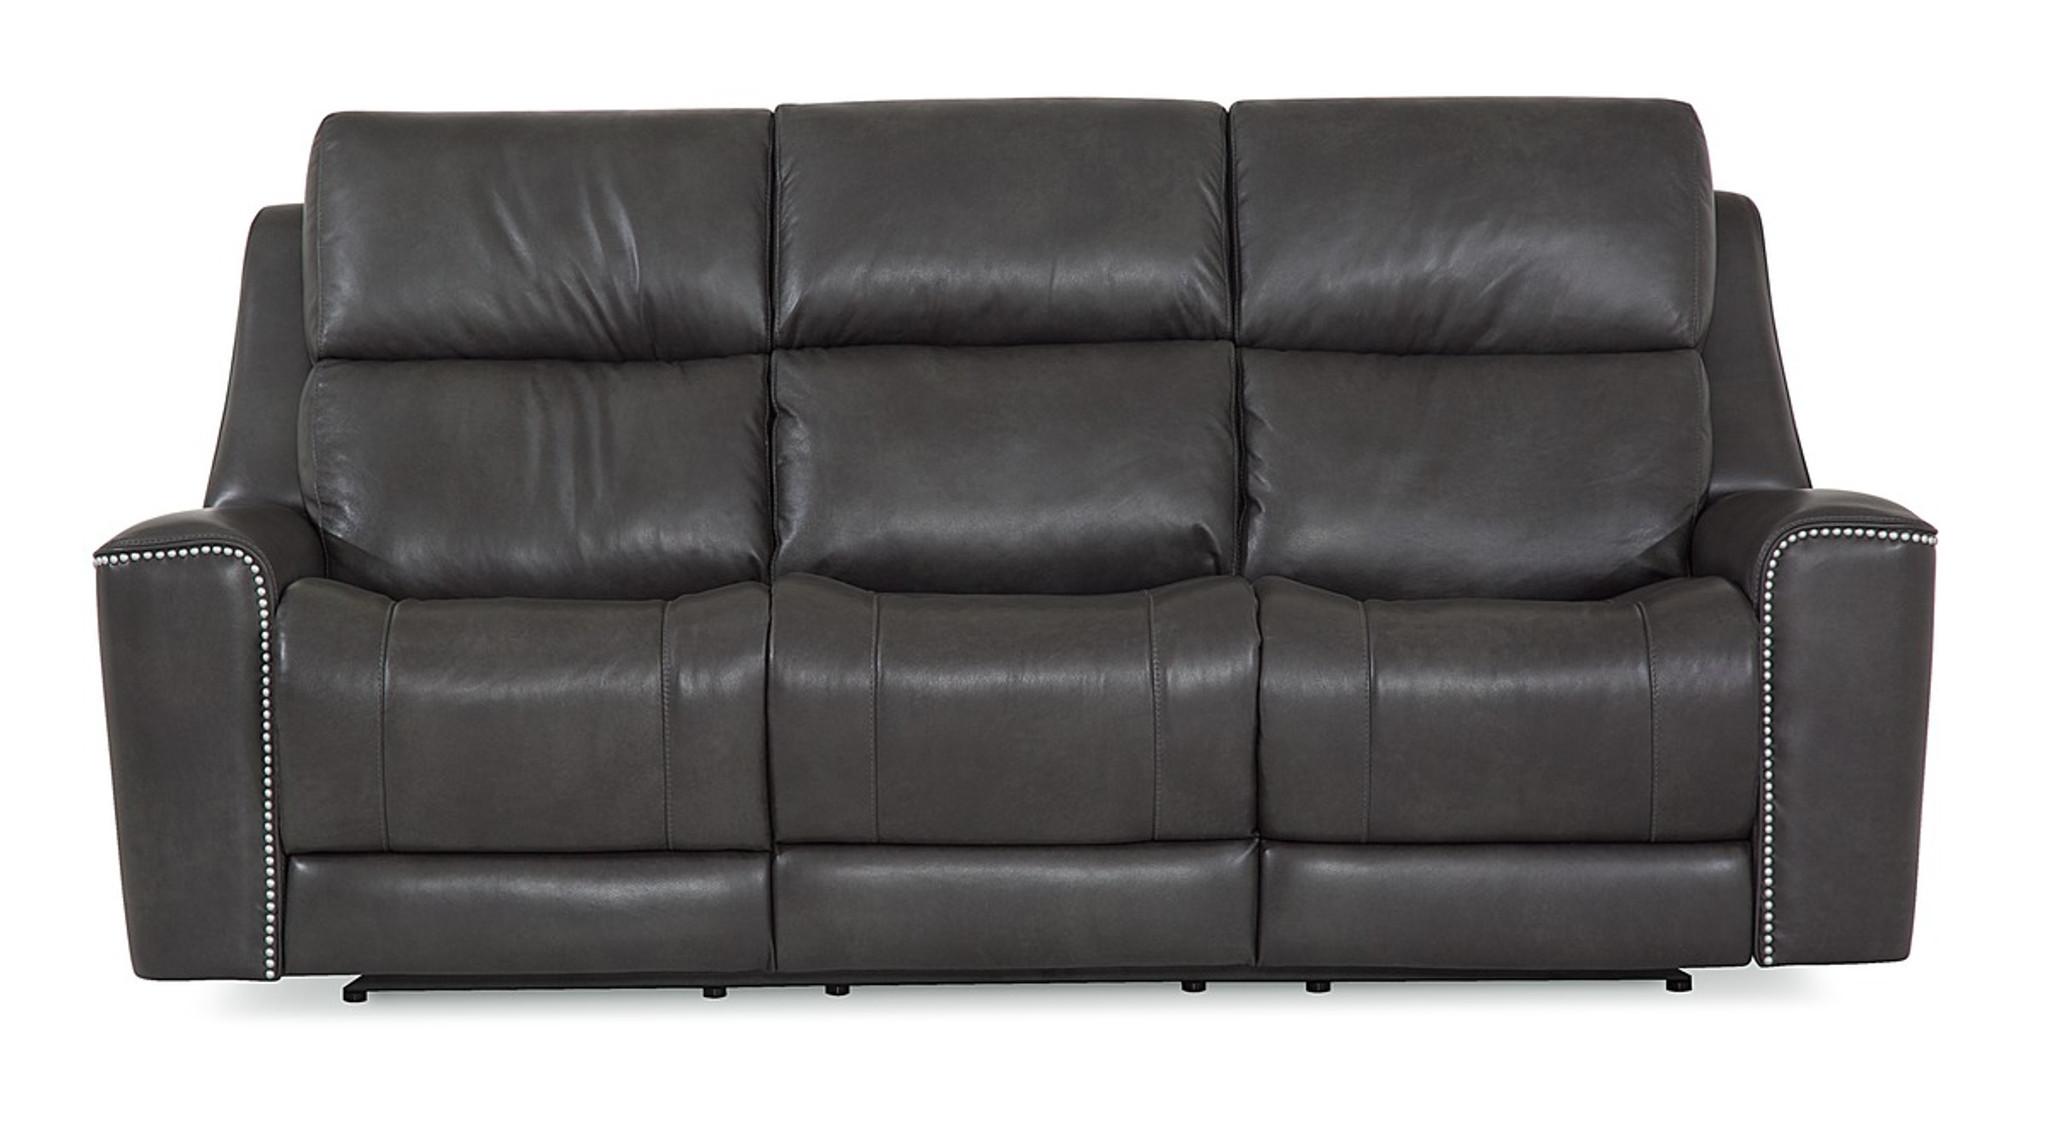 Merveilleux Palliser 41068 Hastings Pwer Head/Seat/Lumbar Recliner Sofa ...